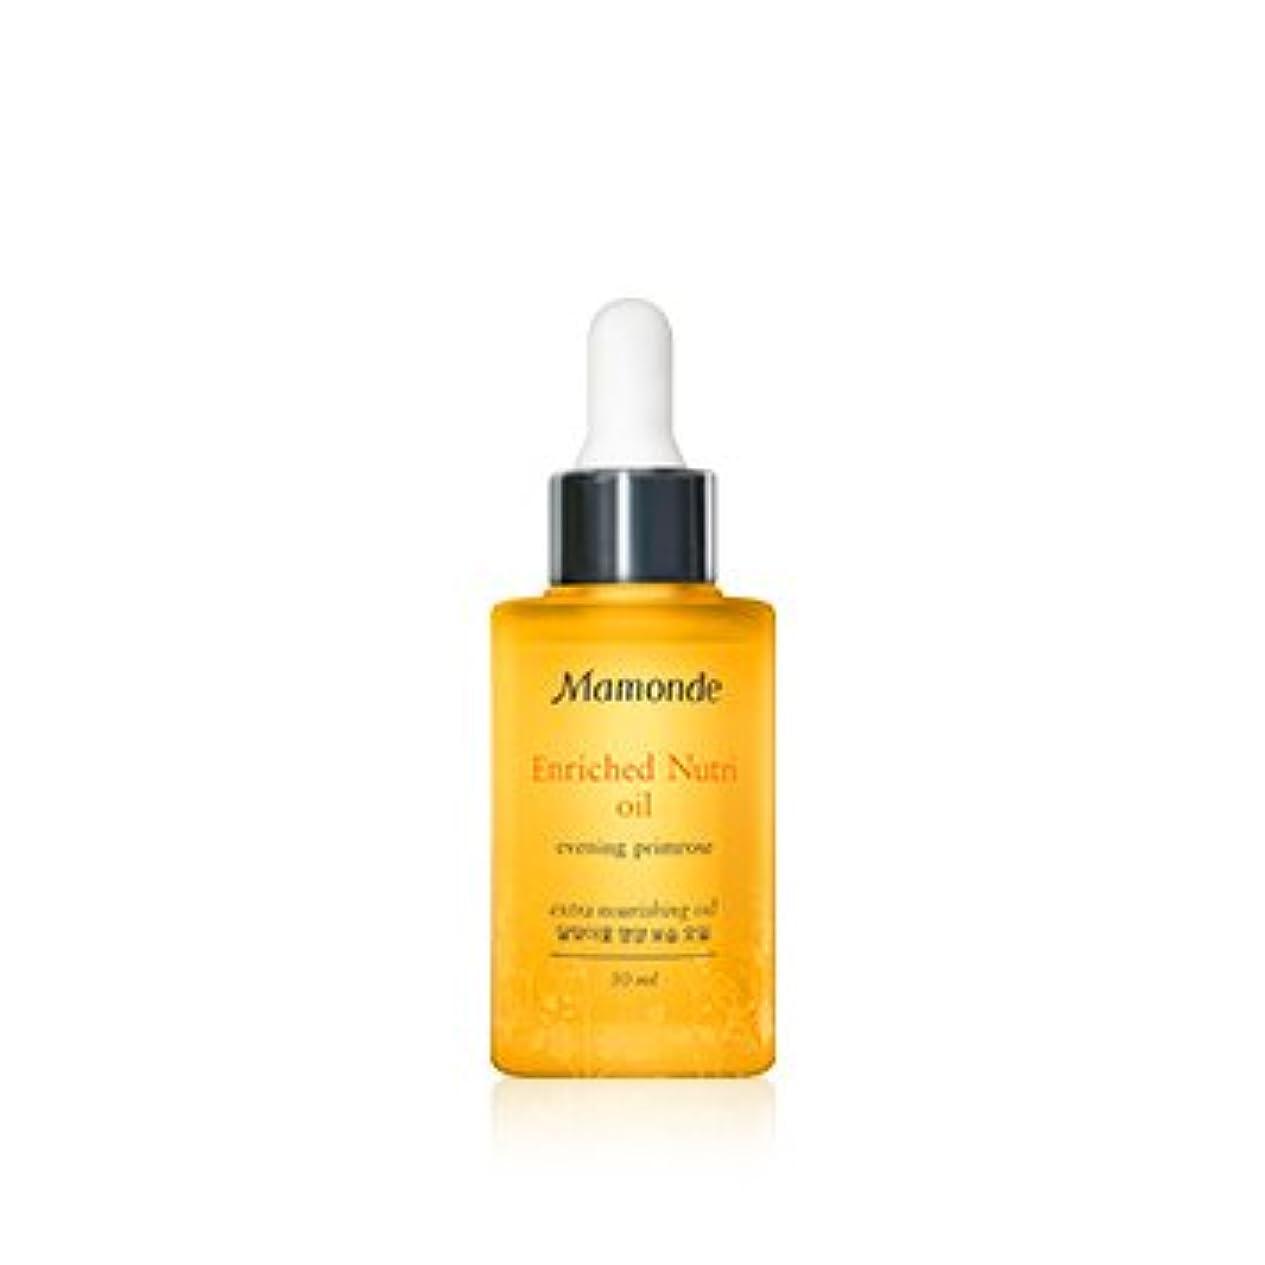 ロードブロッキング講義品種[New] Mamonde Enriched Nutri Oil 30ml/マモンド エンリッチド ニュートリ オイル 30ml [並行輸入品]